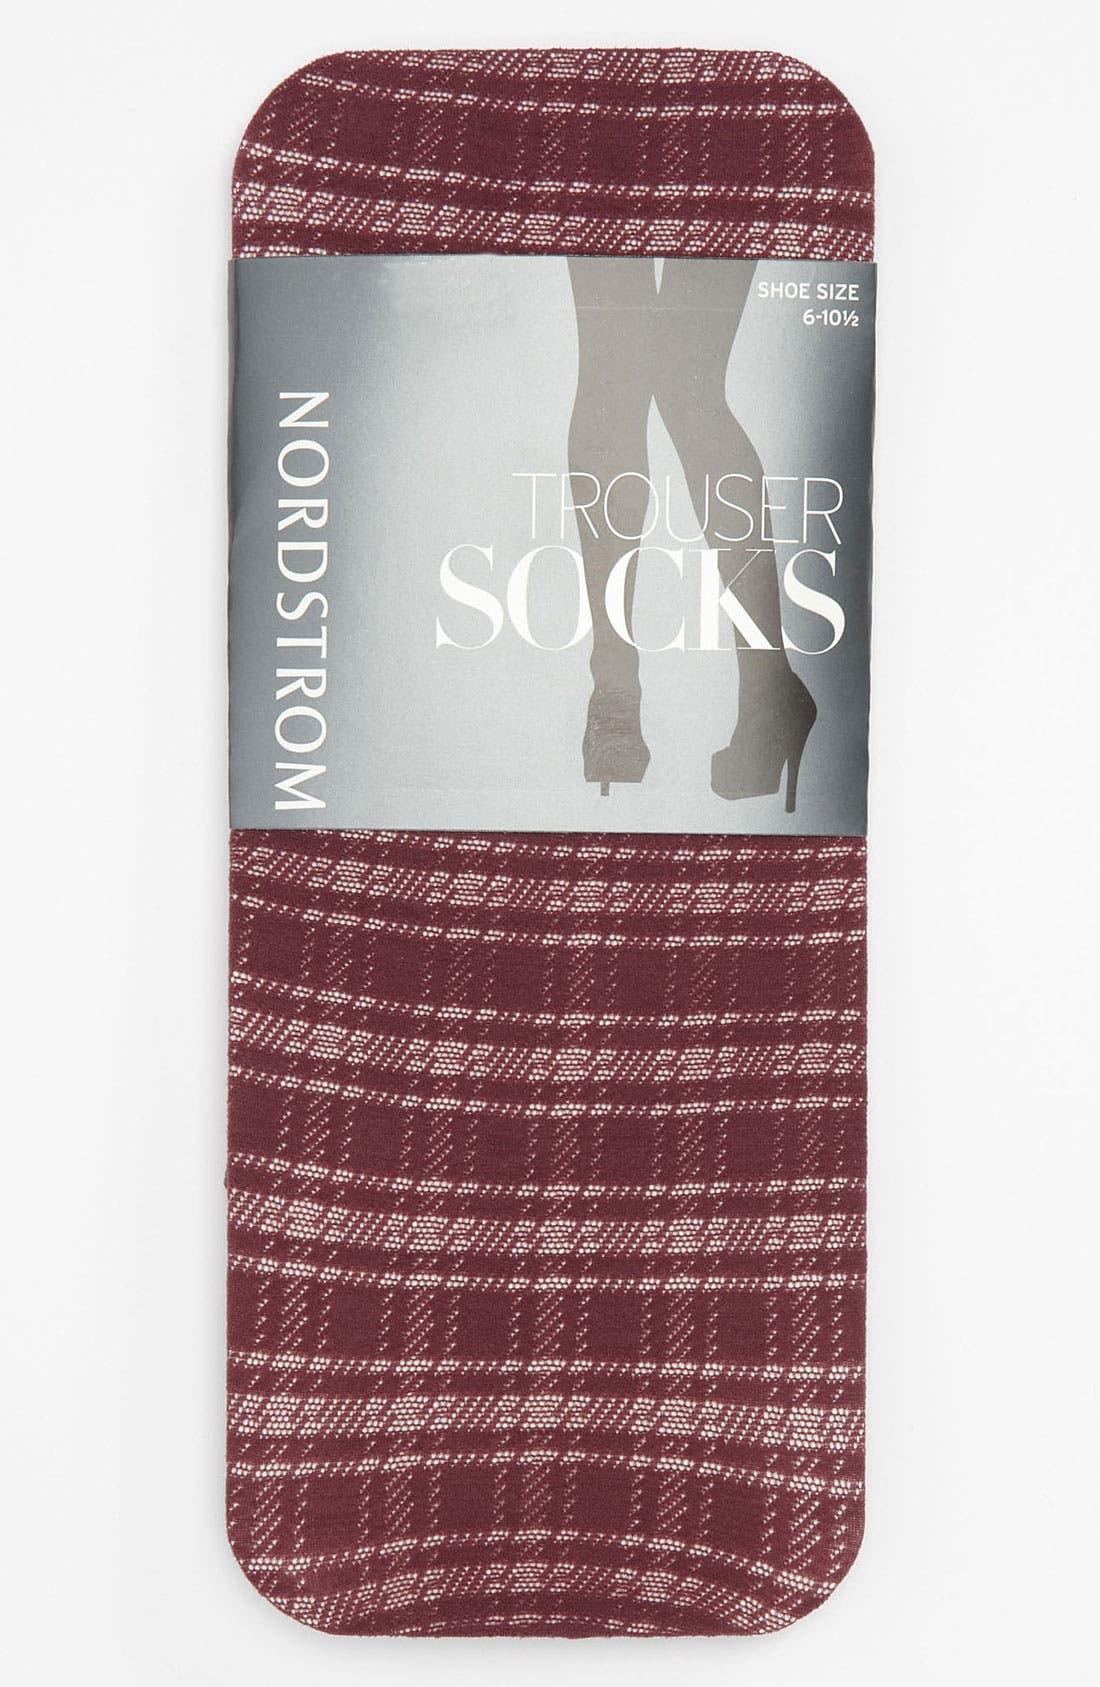 Alternate Image 1 Selected - Nordstrom 'Prep' Plaid Trouser Socks